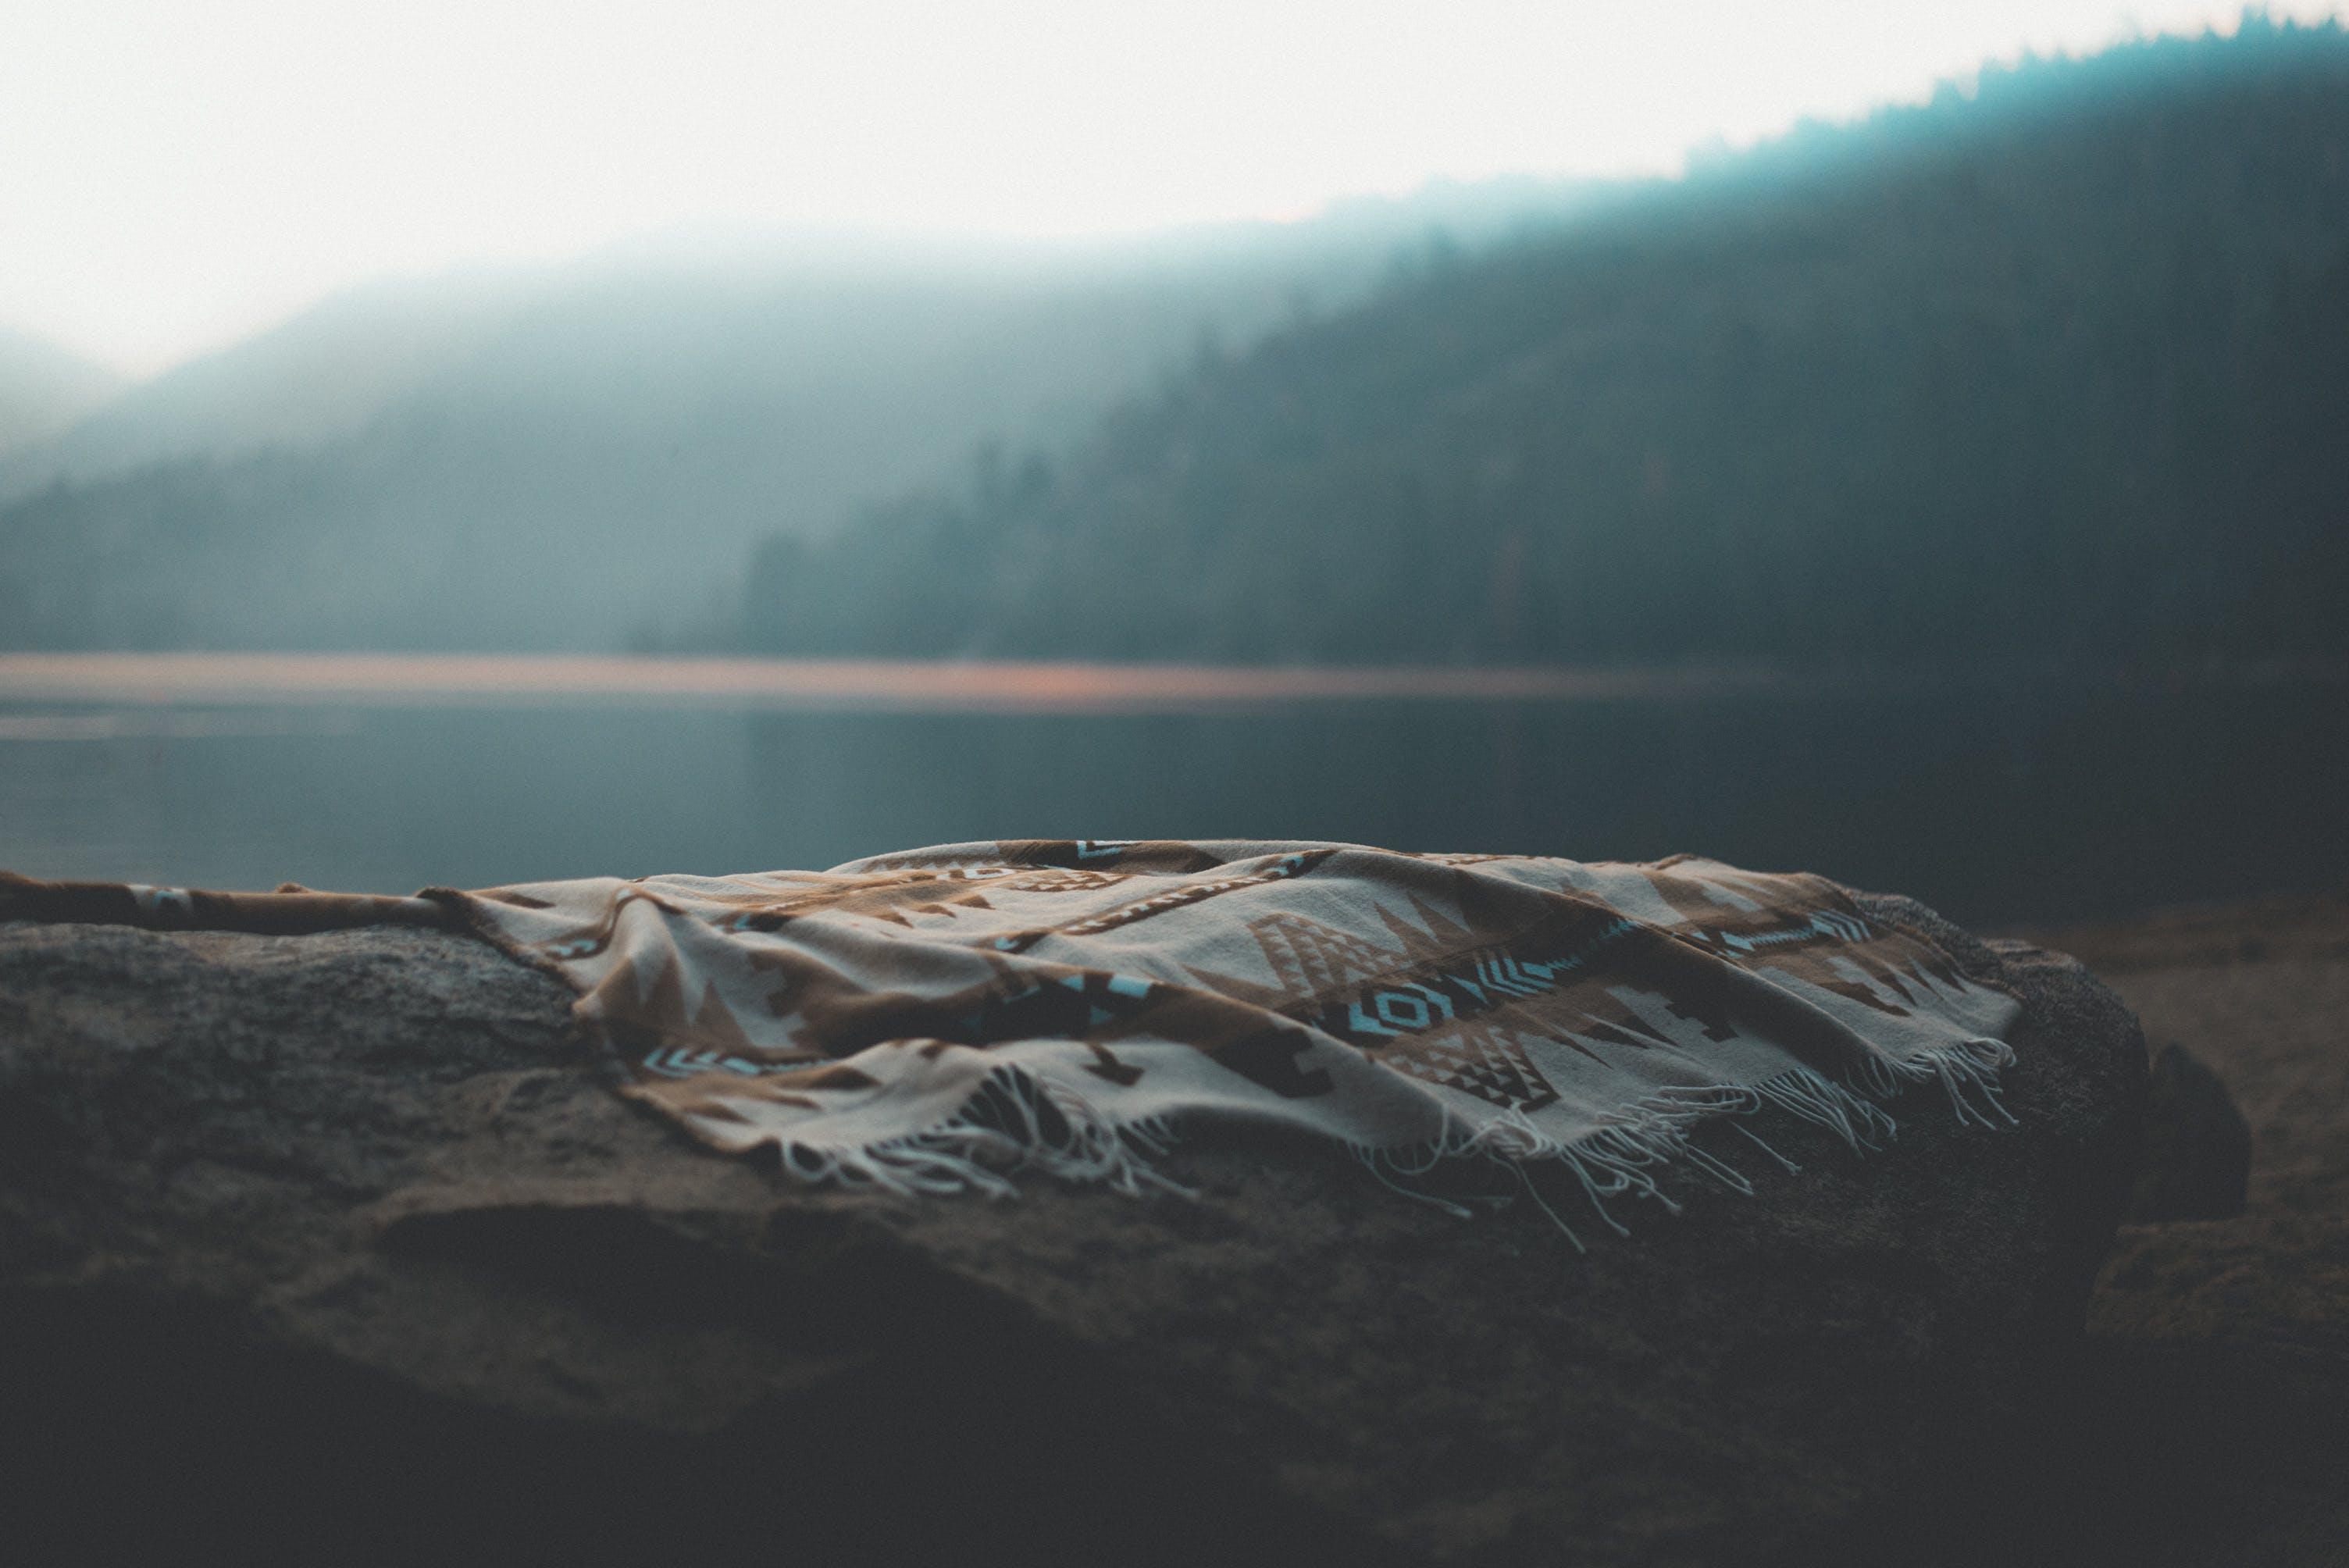 のどか, もや, 冬, 山岳の無料の写真素材